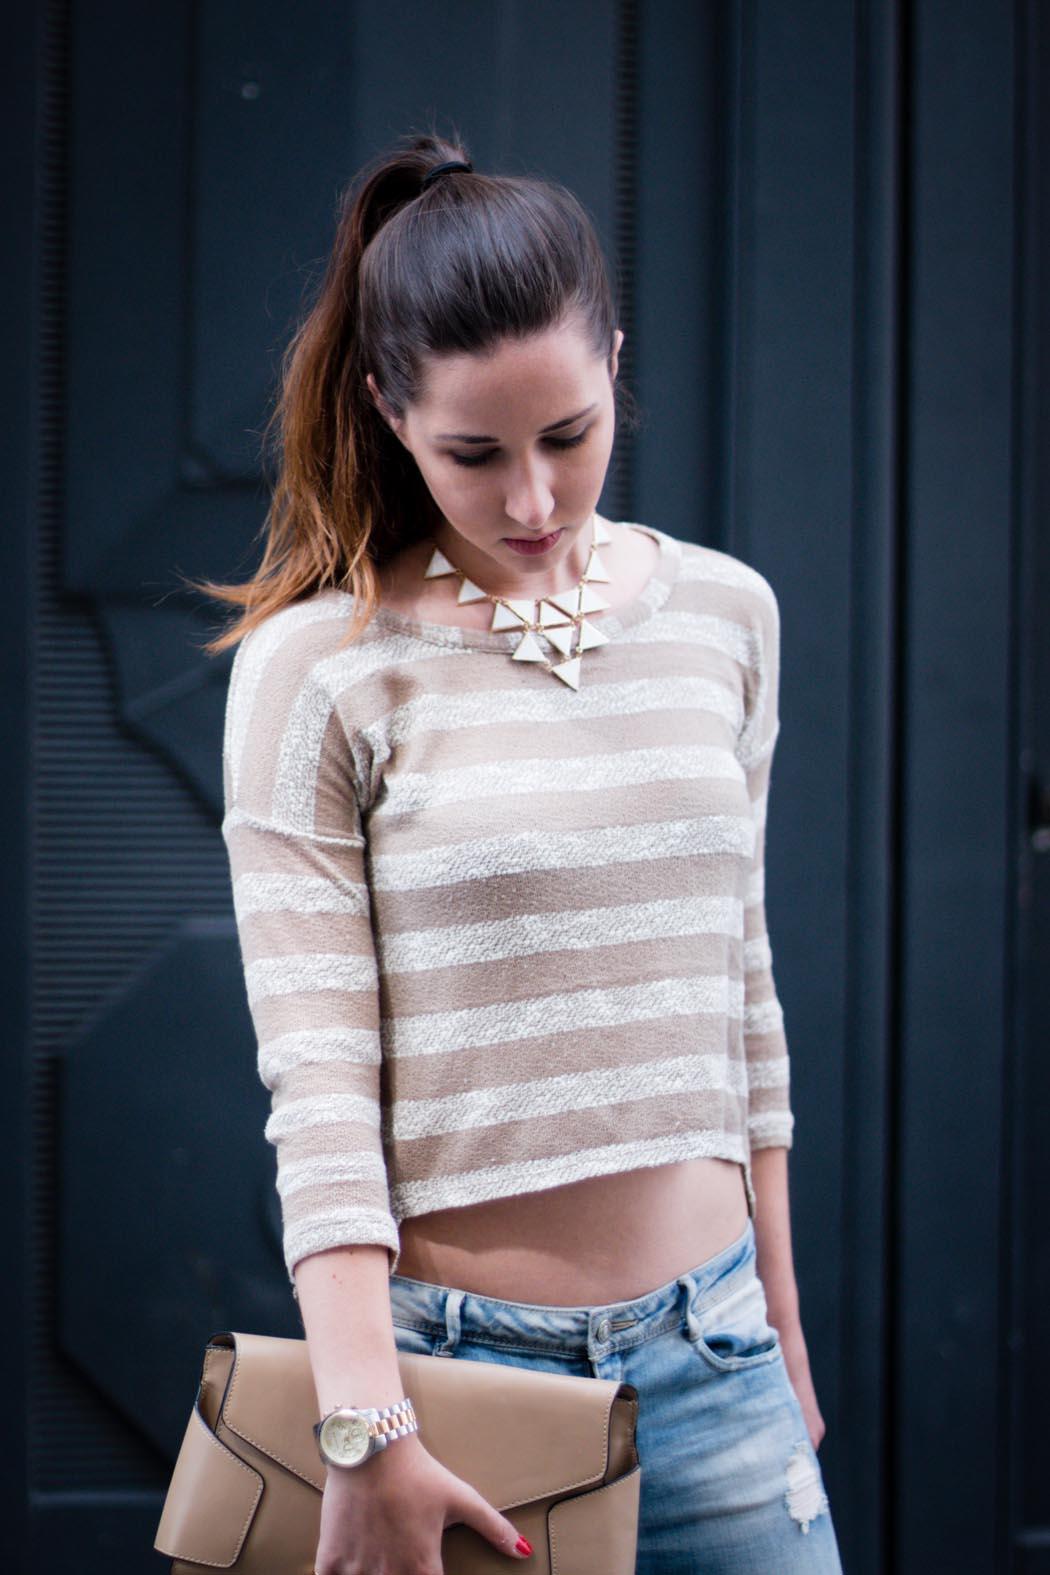 Lindarella-Fashionblogger-Paris-München-MIchael-Kors-Ripped-Jeans-5